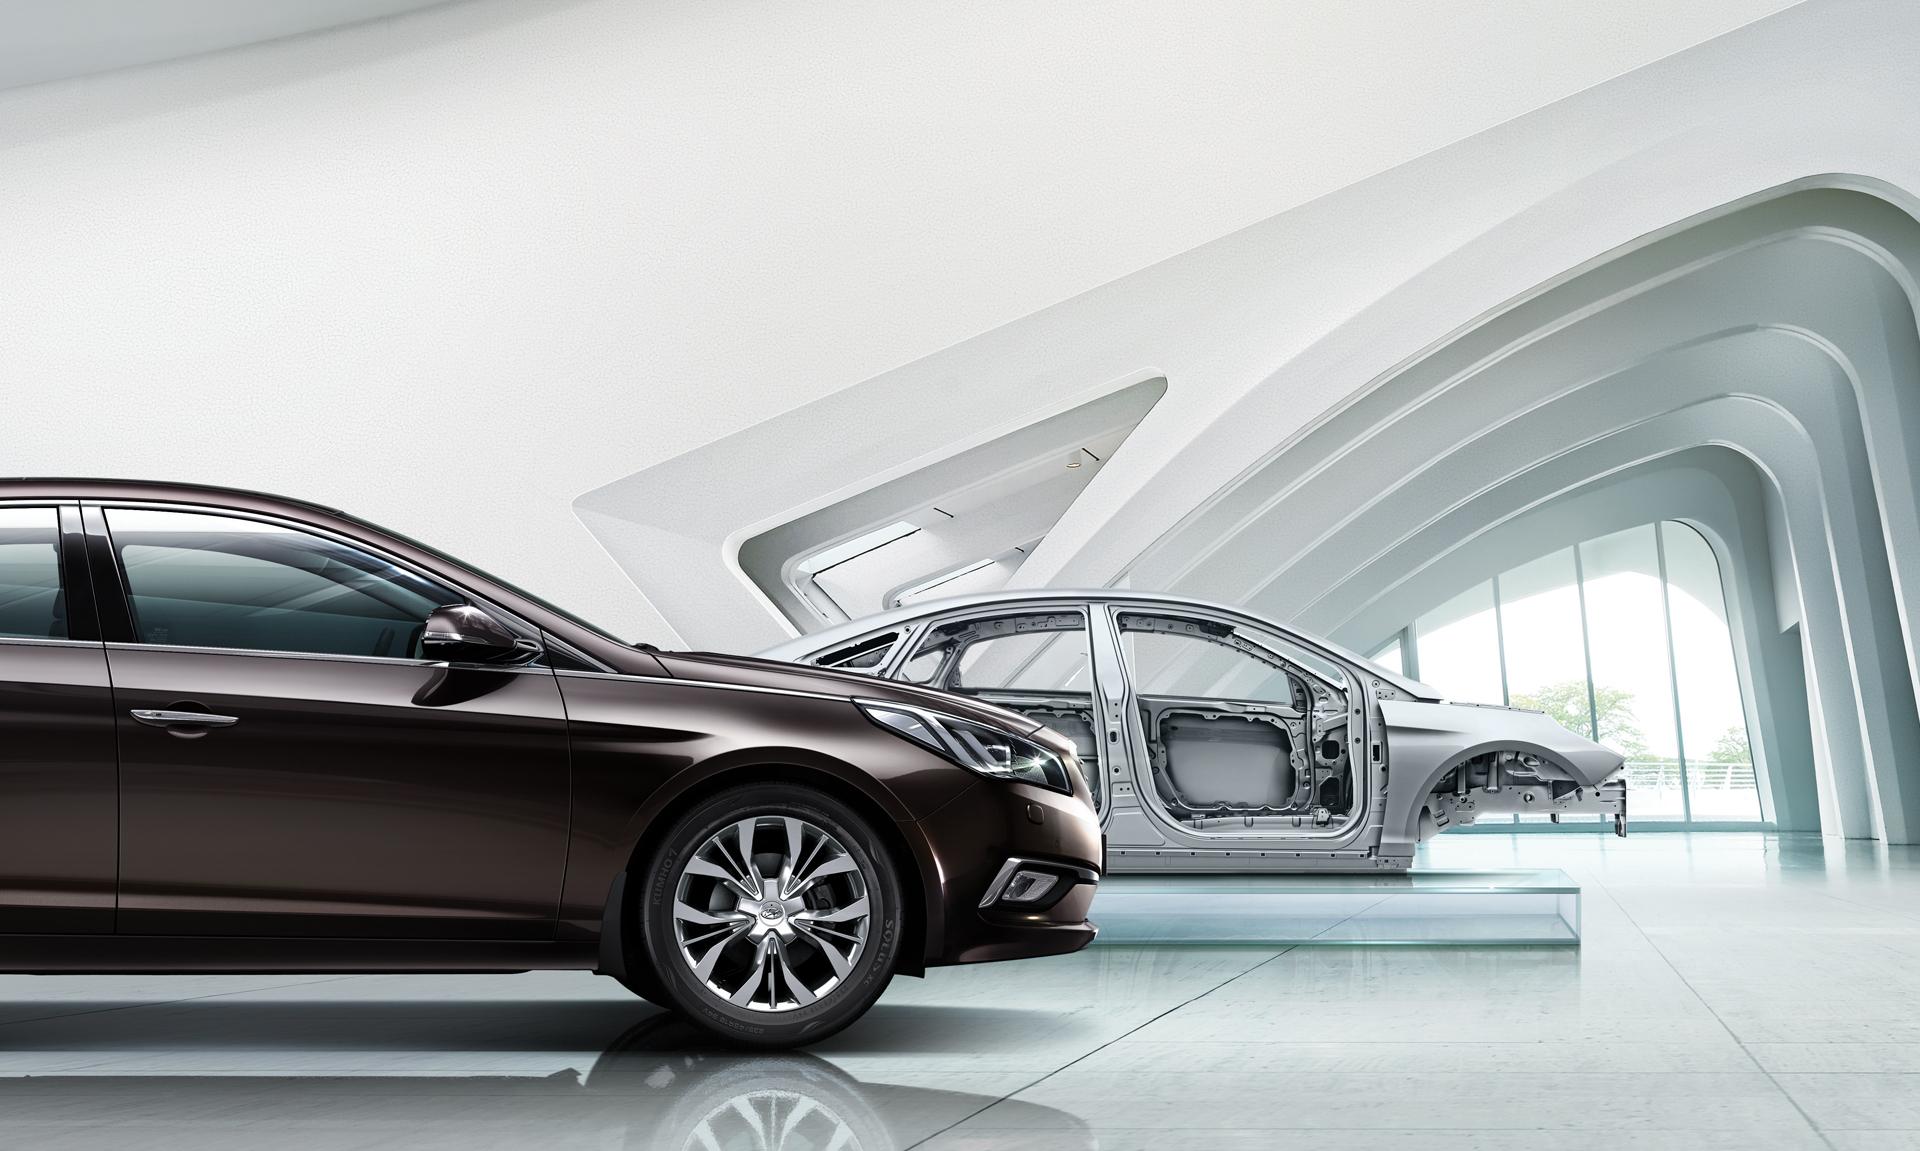 Hyundai Sonata: Maintenance